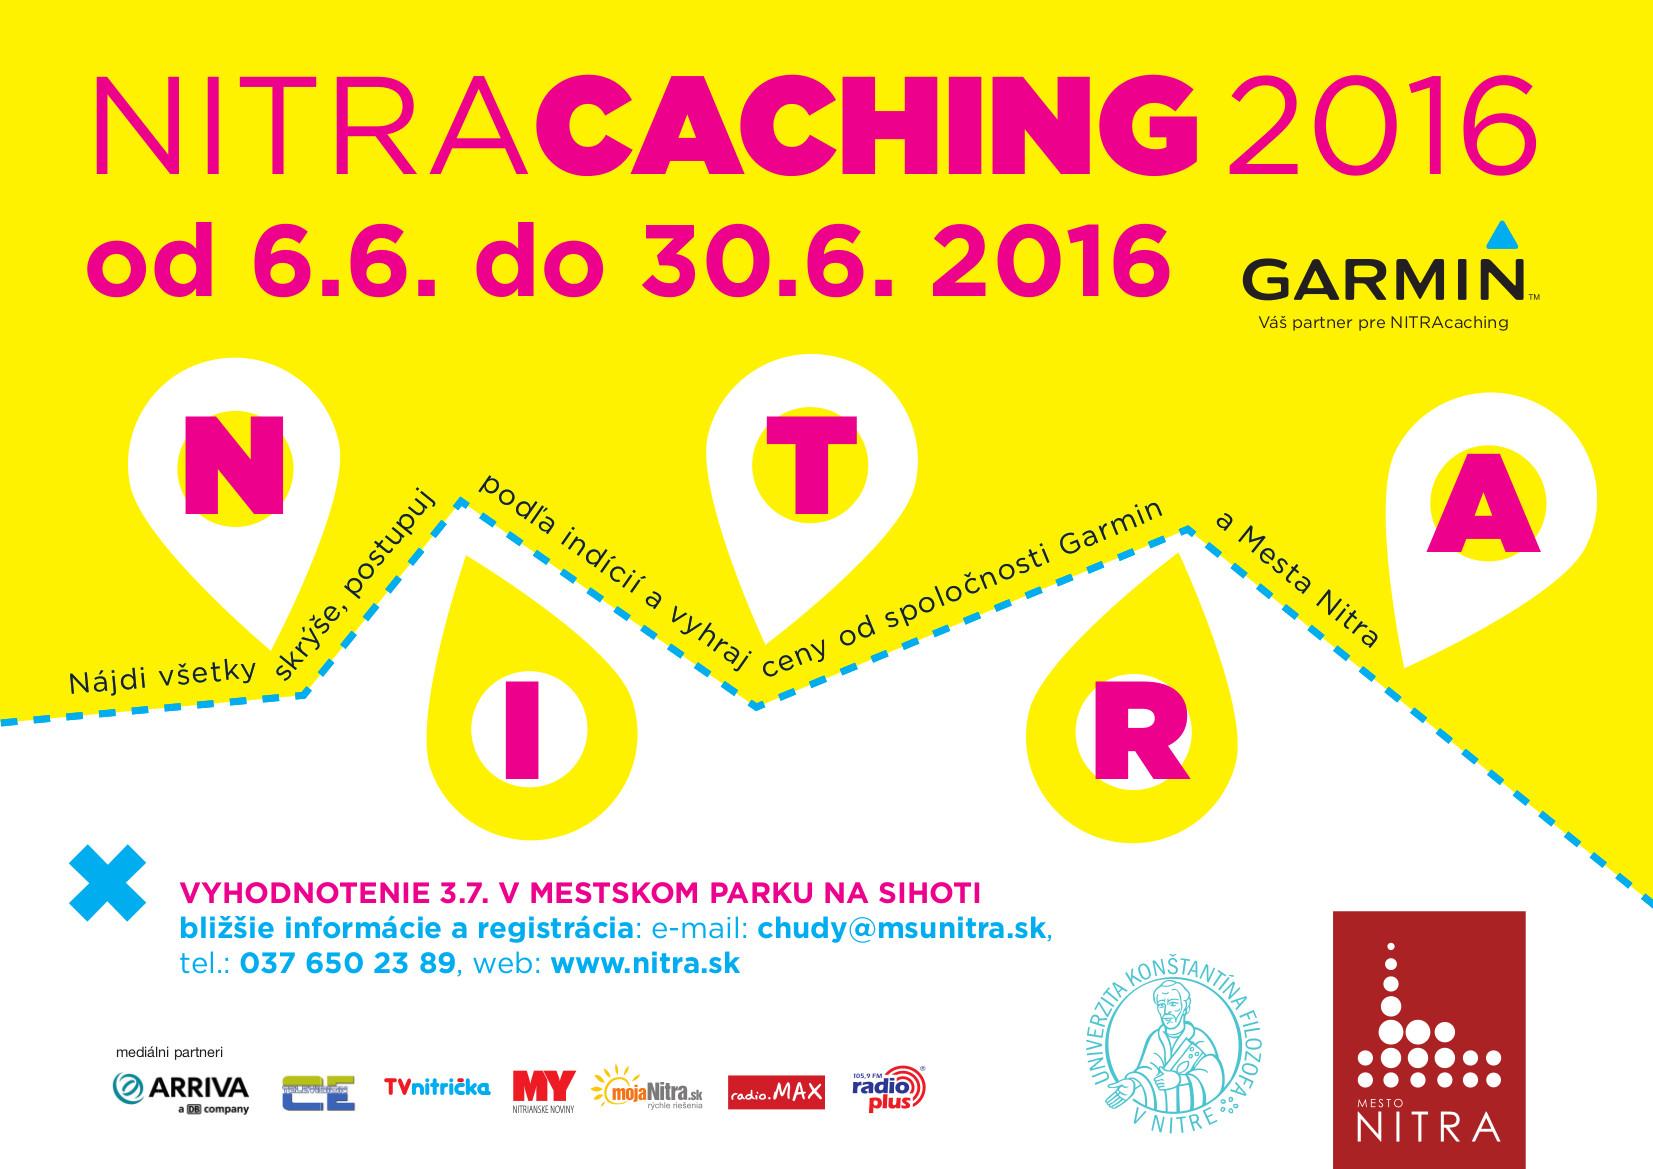 Nitracaching 2016 už len do 30. 6. 2016! - Katalóg firiem  3a9a72c72b4